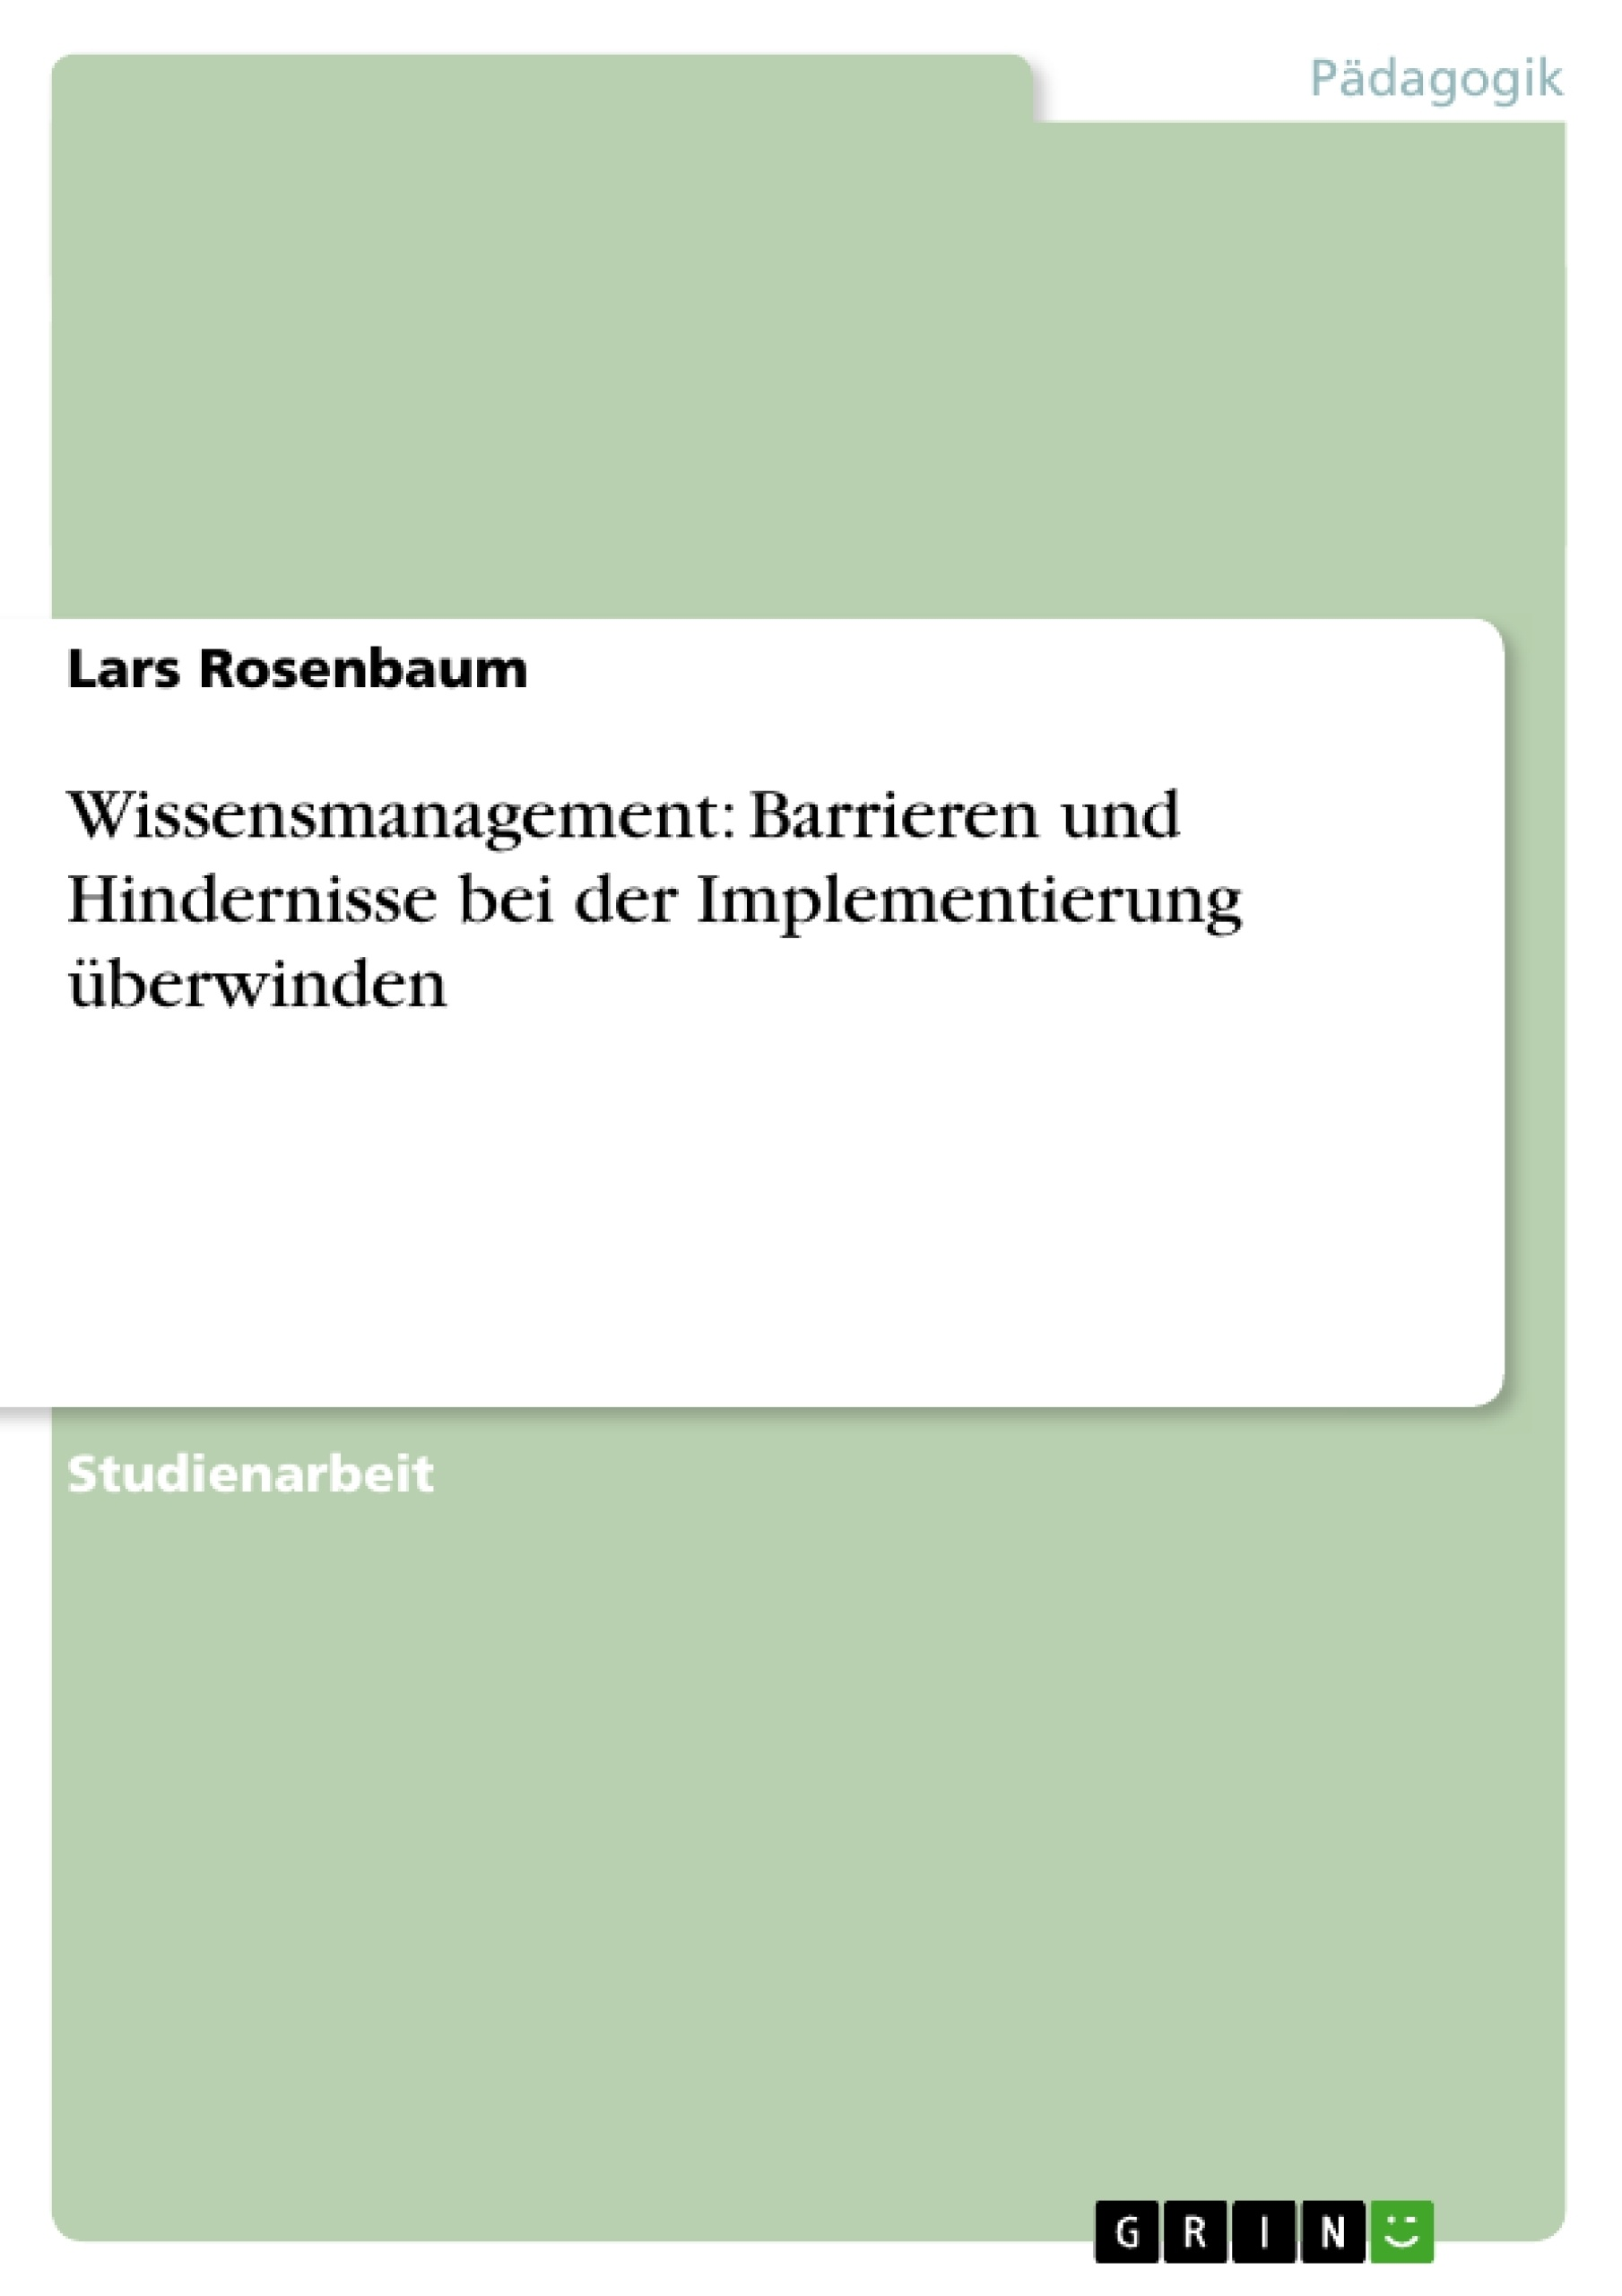 Titel: Wissensmanagement: Barrieren und Hindernisse bei der Implementierung überwinden